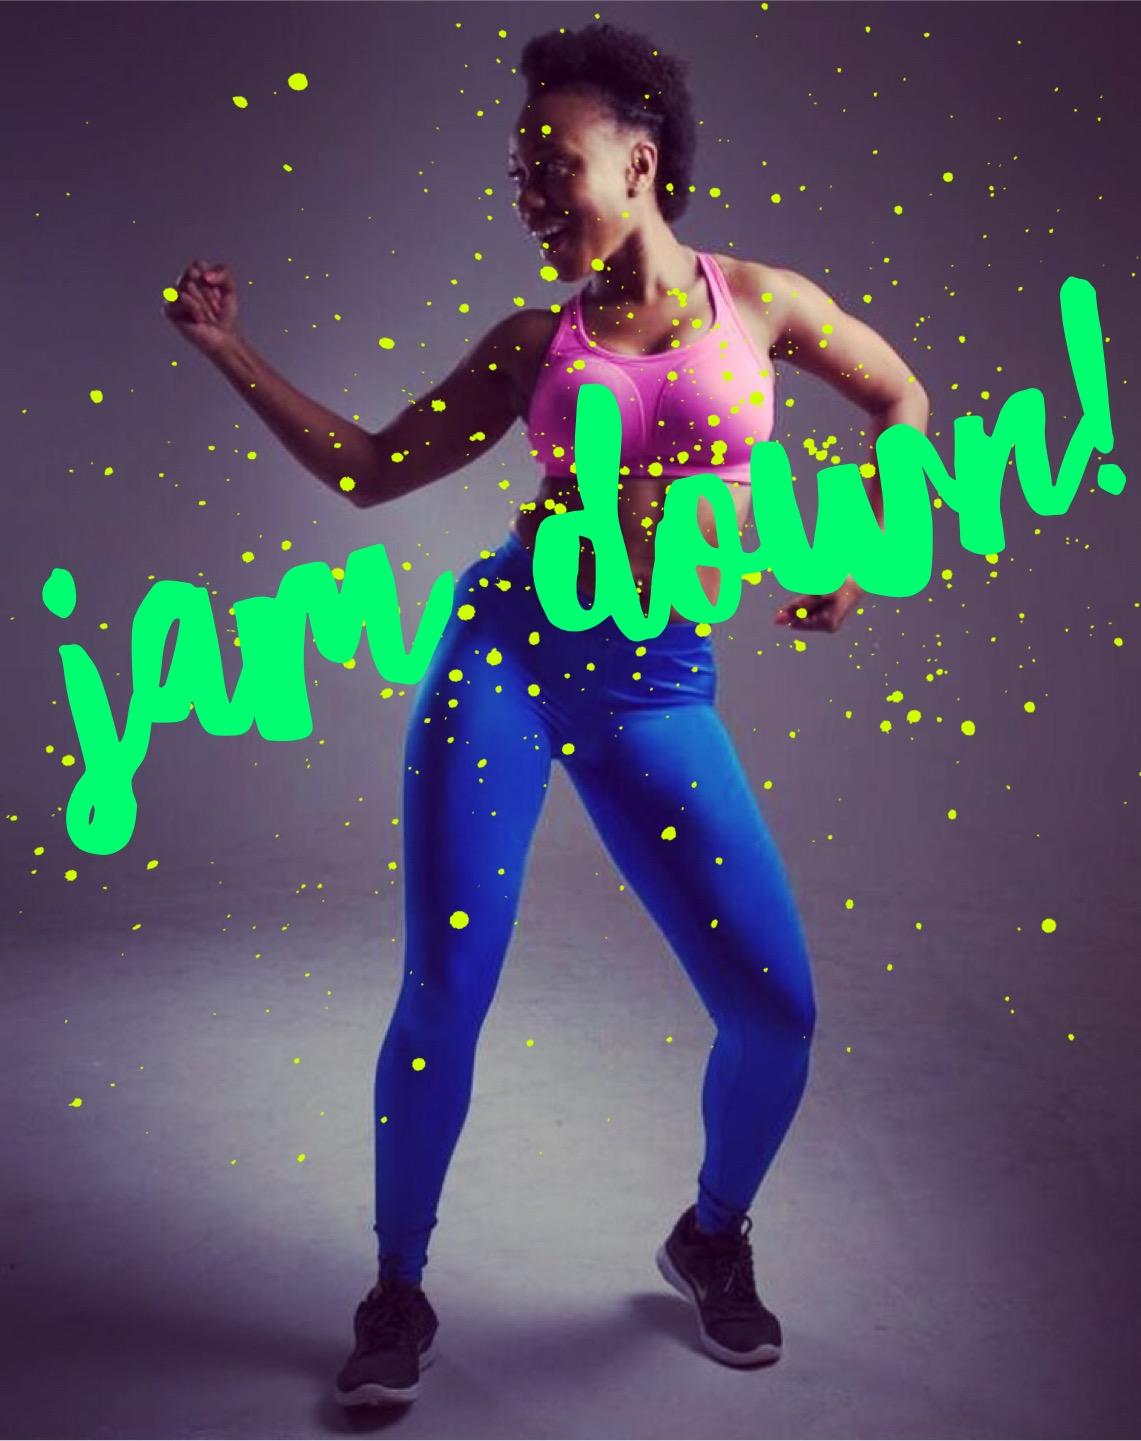 Jam Down!.jpg